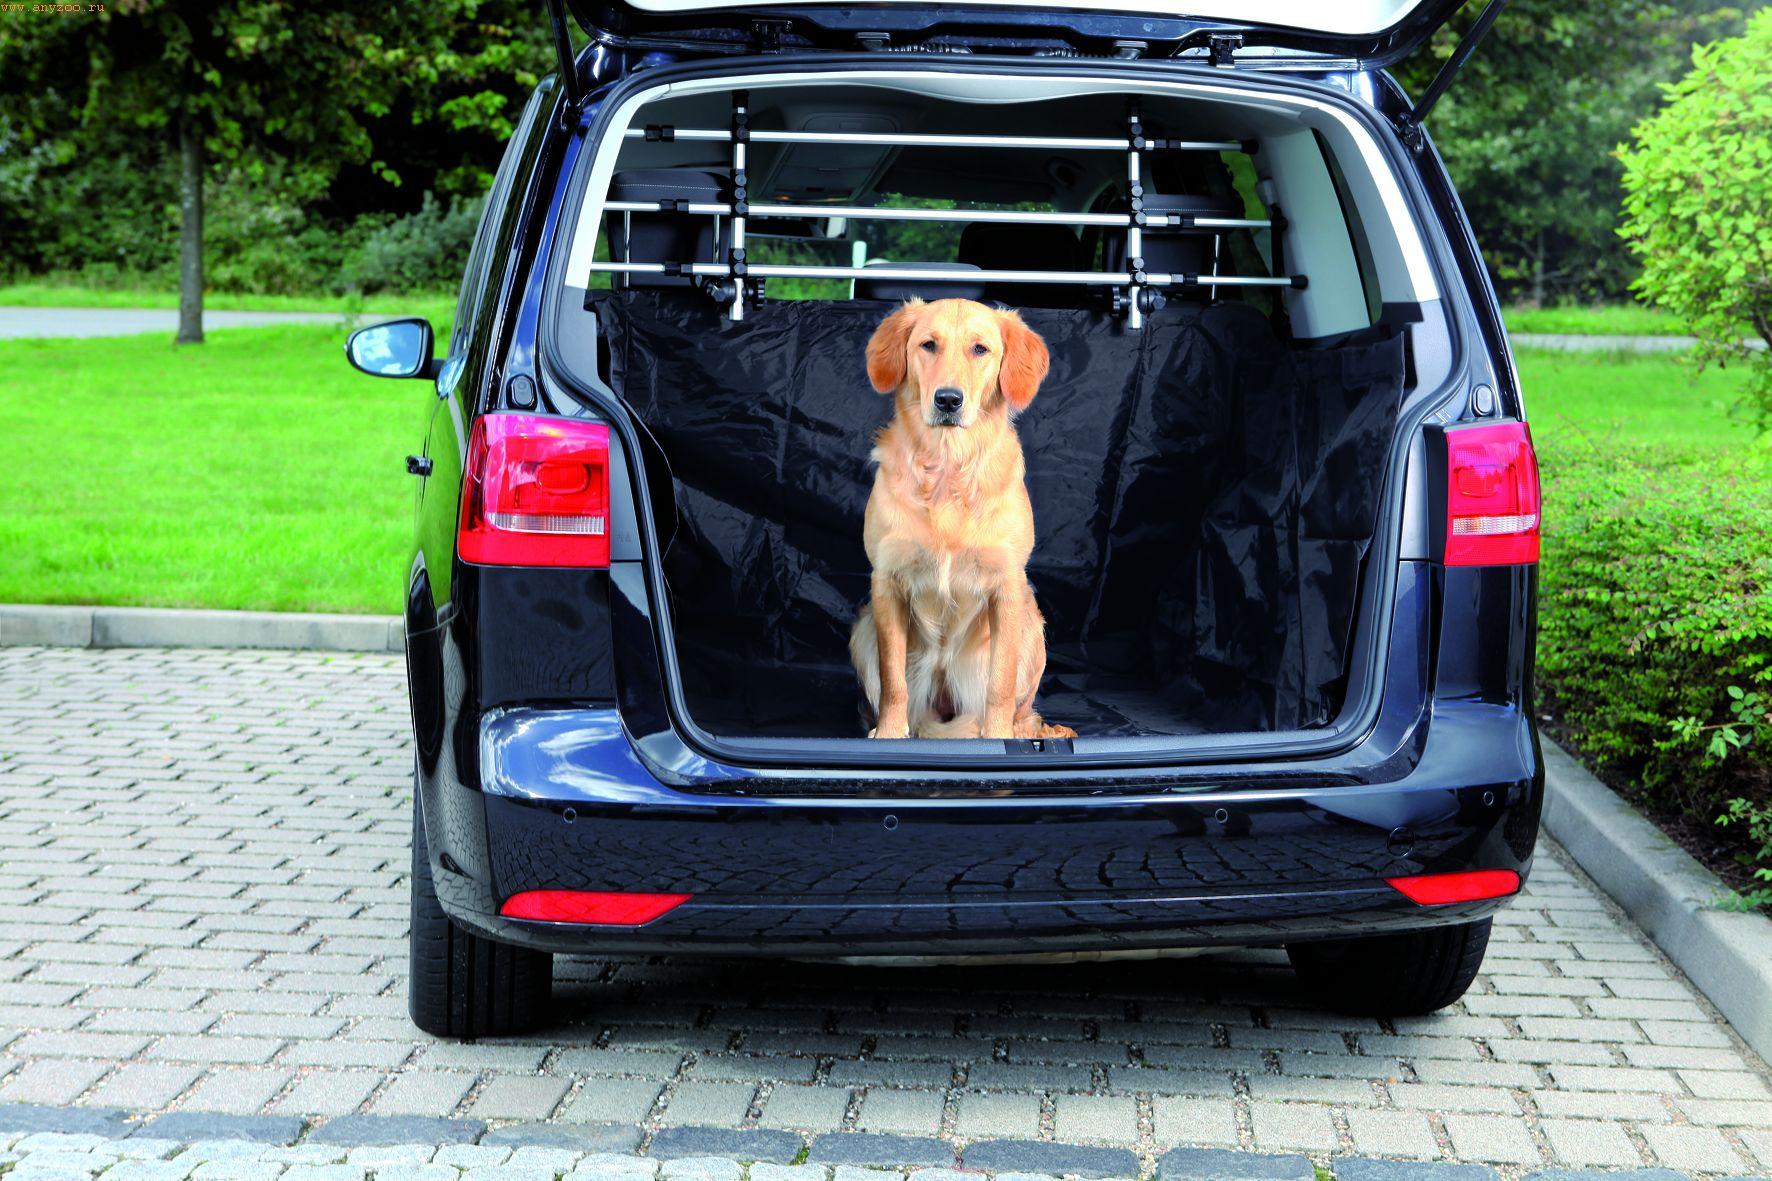 гамак для собаки в багажник машины